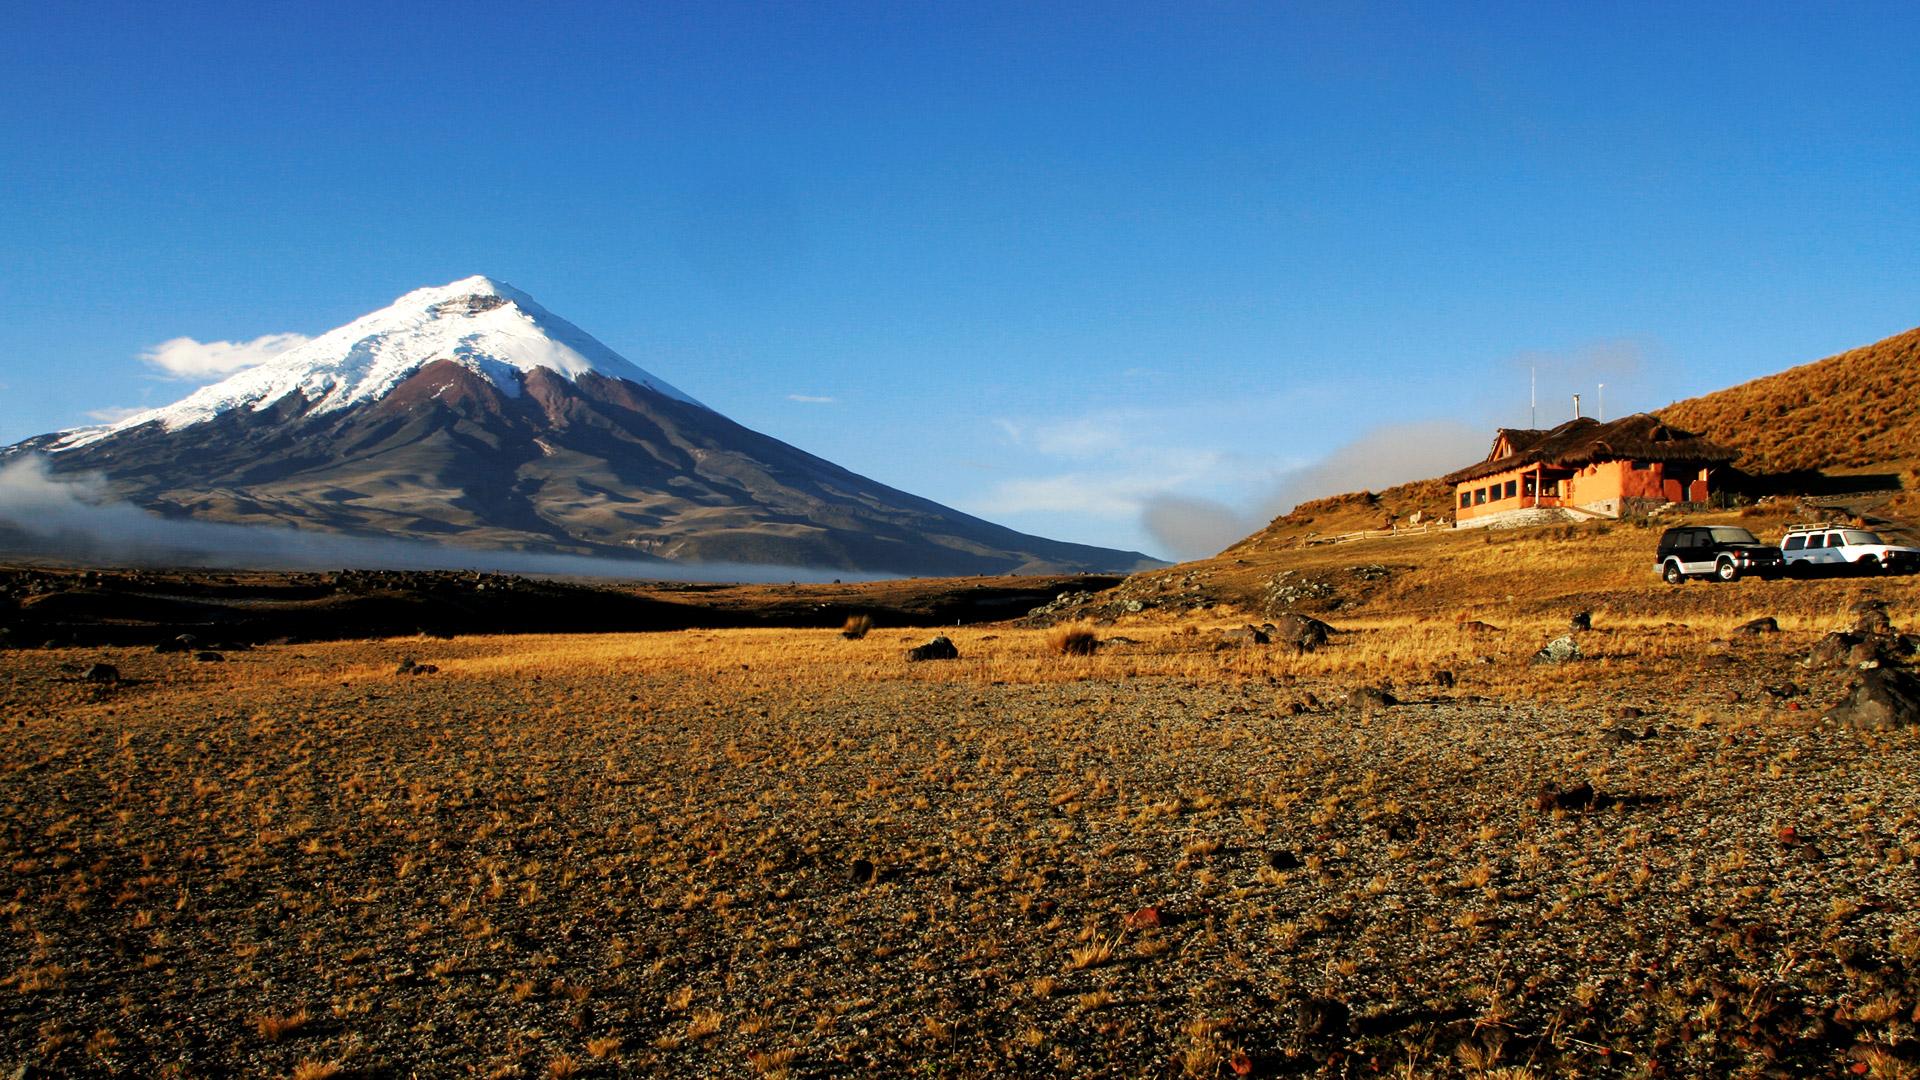 Mountain, Ecuador, Cotopaxi, Cayambe